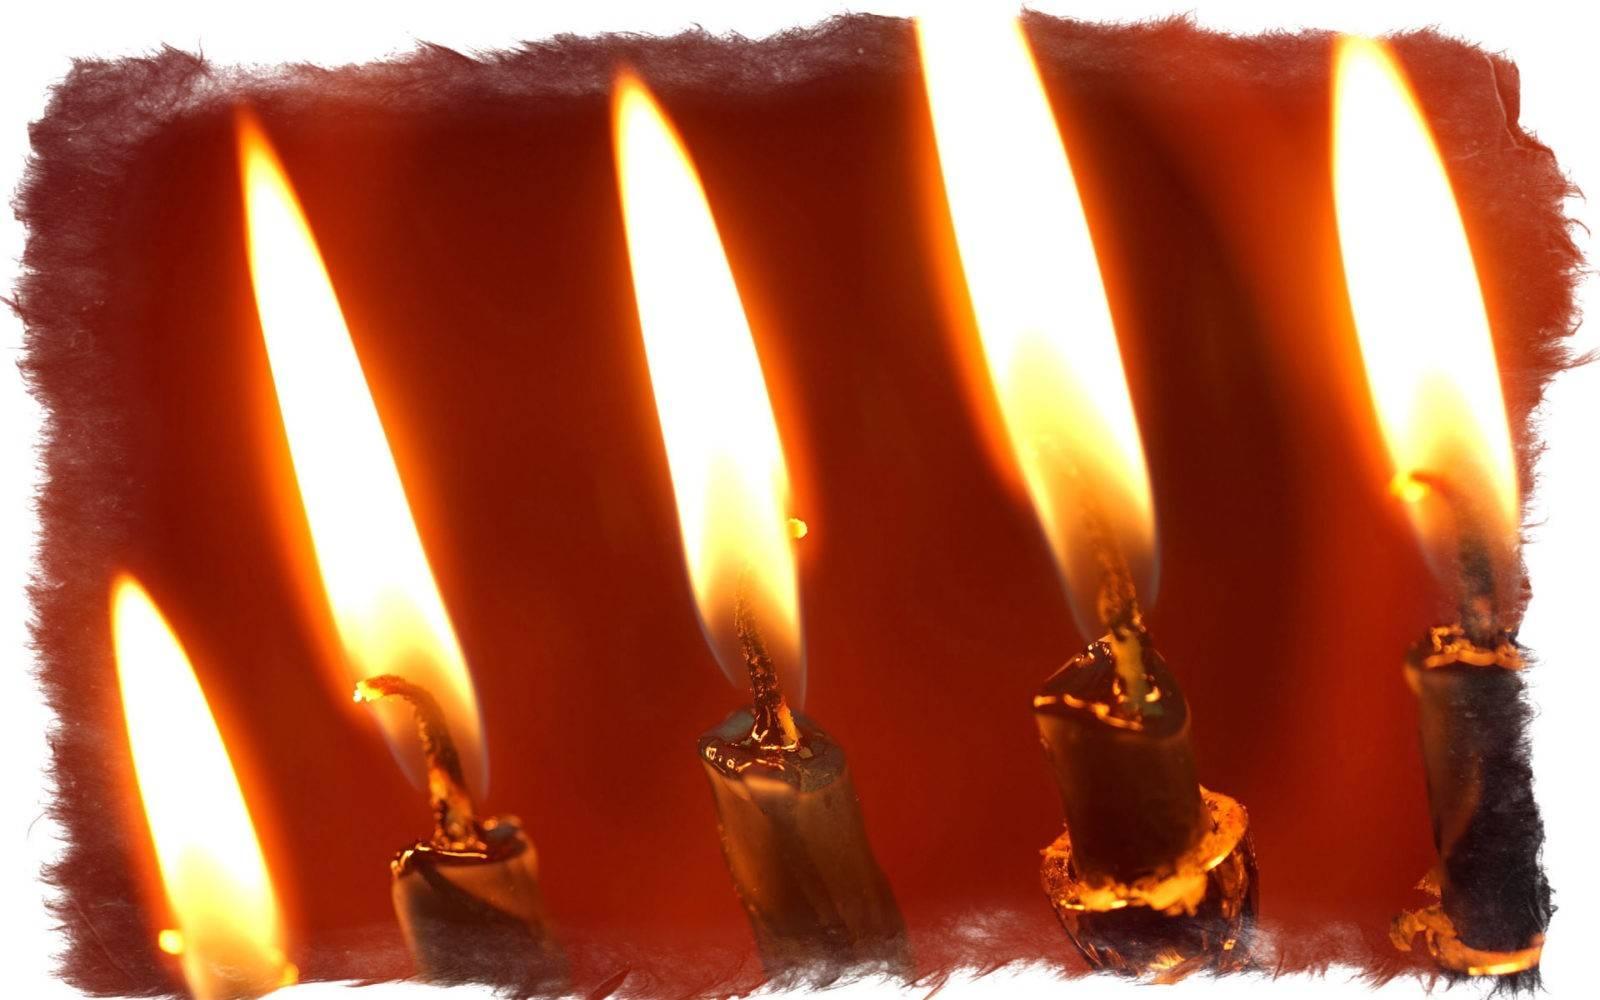 Кого можно вызвать из духов: список добрых духов для вызывалки, опасные и страшные духи, дух для хэллоуина - всё, что важно знать...